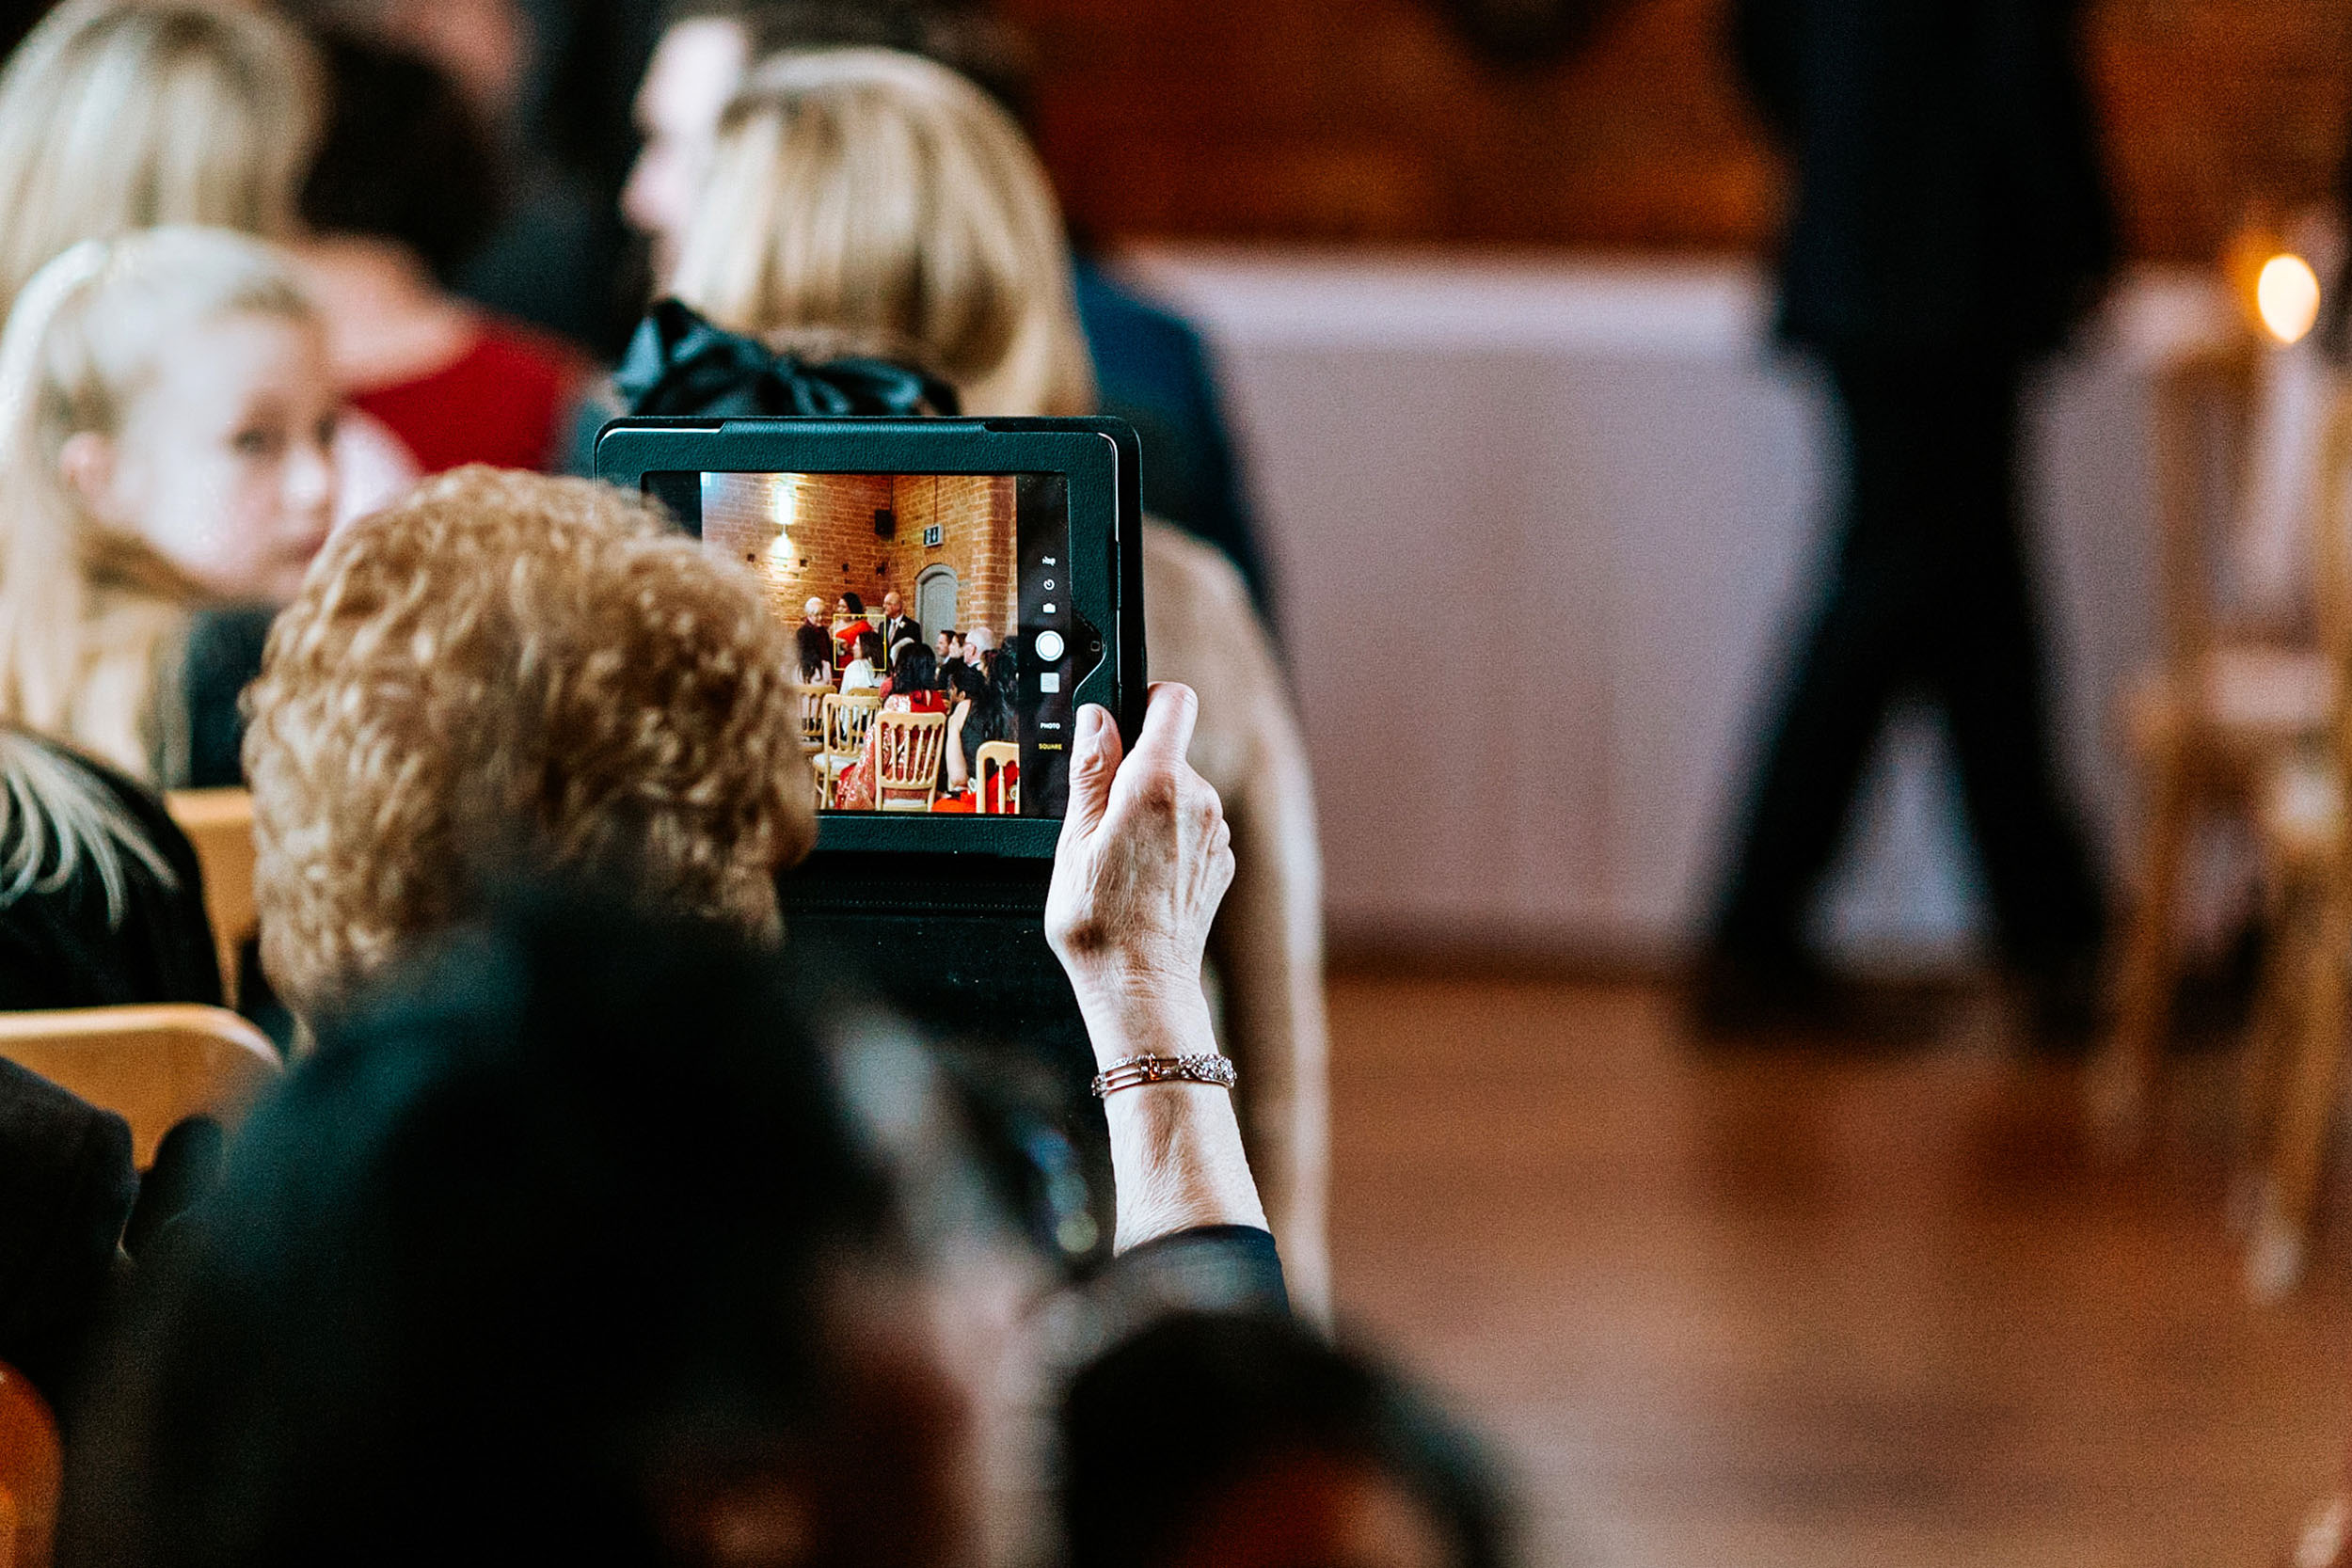 http://www.edbrownphotography.co.uk